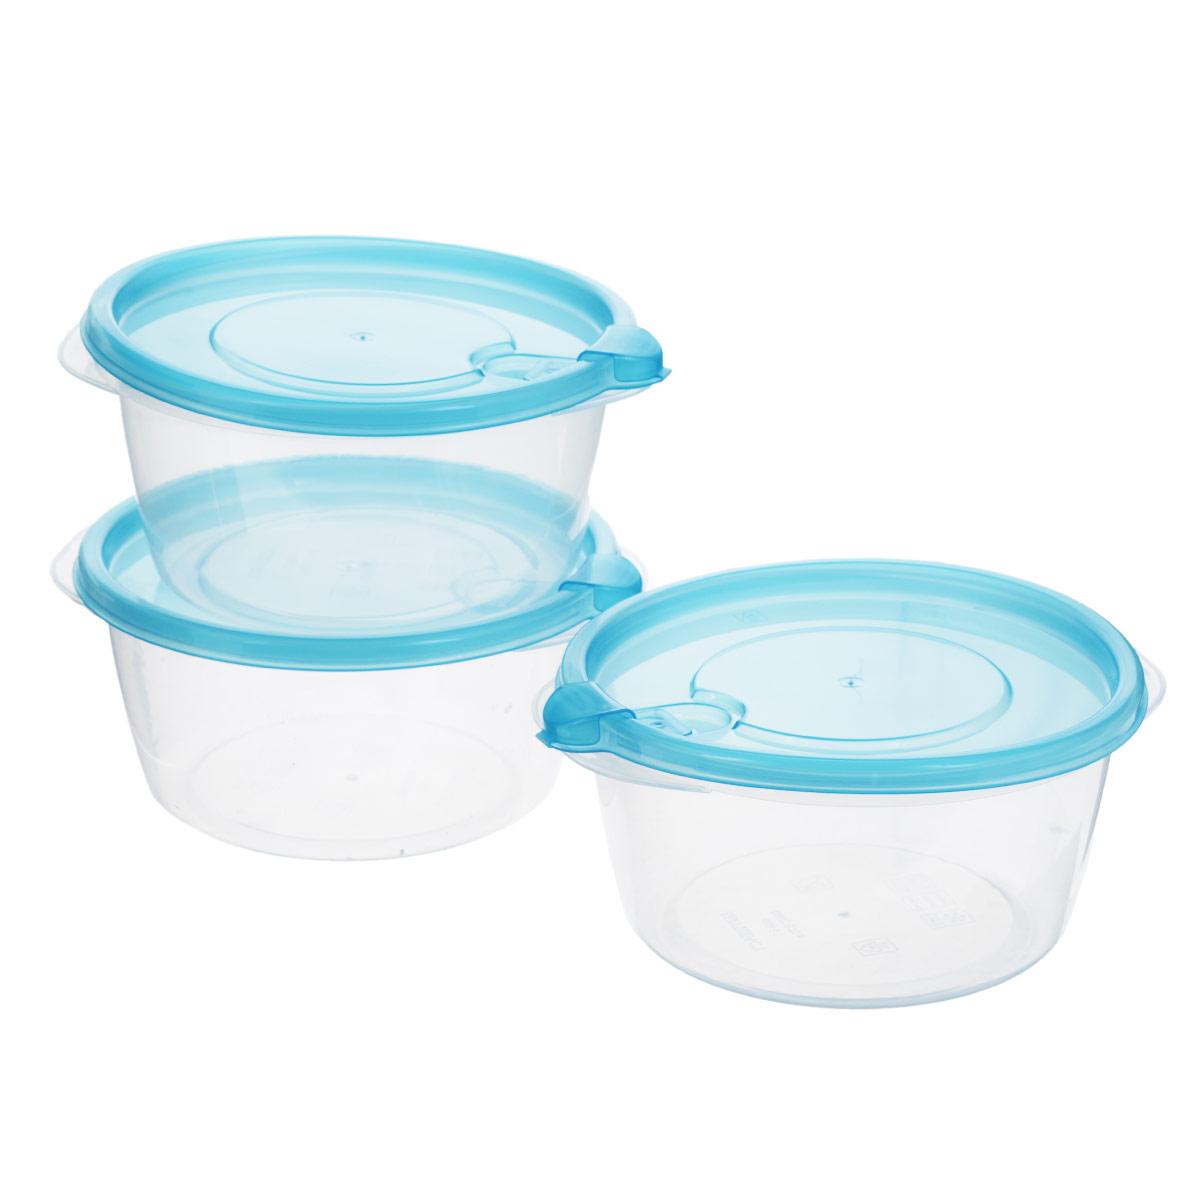 Комплект контейнеров для хранения продуктов Бытпласт Фрэш, 0,75 л, 3 шт. С11522С11522Контейнеры Бытпласт Фрэш предназначены для хранения пищевых продуктов и не только. Они выполнен из высококачественного полипропилена и не содержат Бисфенол А. Крышка легко и плотно закрывается. Контейнер устойчив к воздействию масел и жиров, легко моется. Подходит для использования в микроволновых печах, выдерживает хранение в морозильной камере при температуре -24 градуса. Пищевые контейнеры необыкновенно удобны: в них можно брать еду на работу, за город, ребенку в школу. Именно поэтому они обретают все большую популярность.